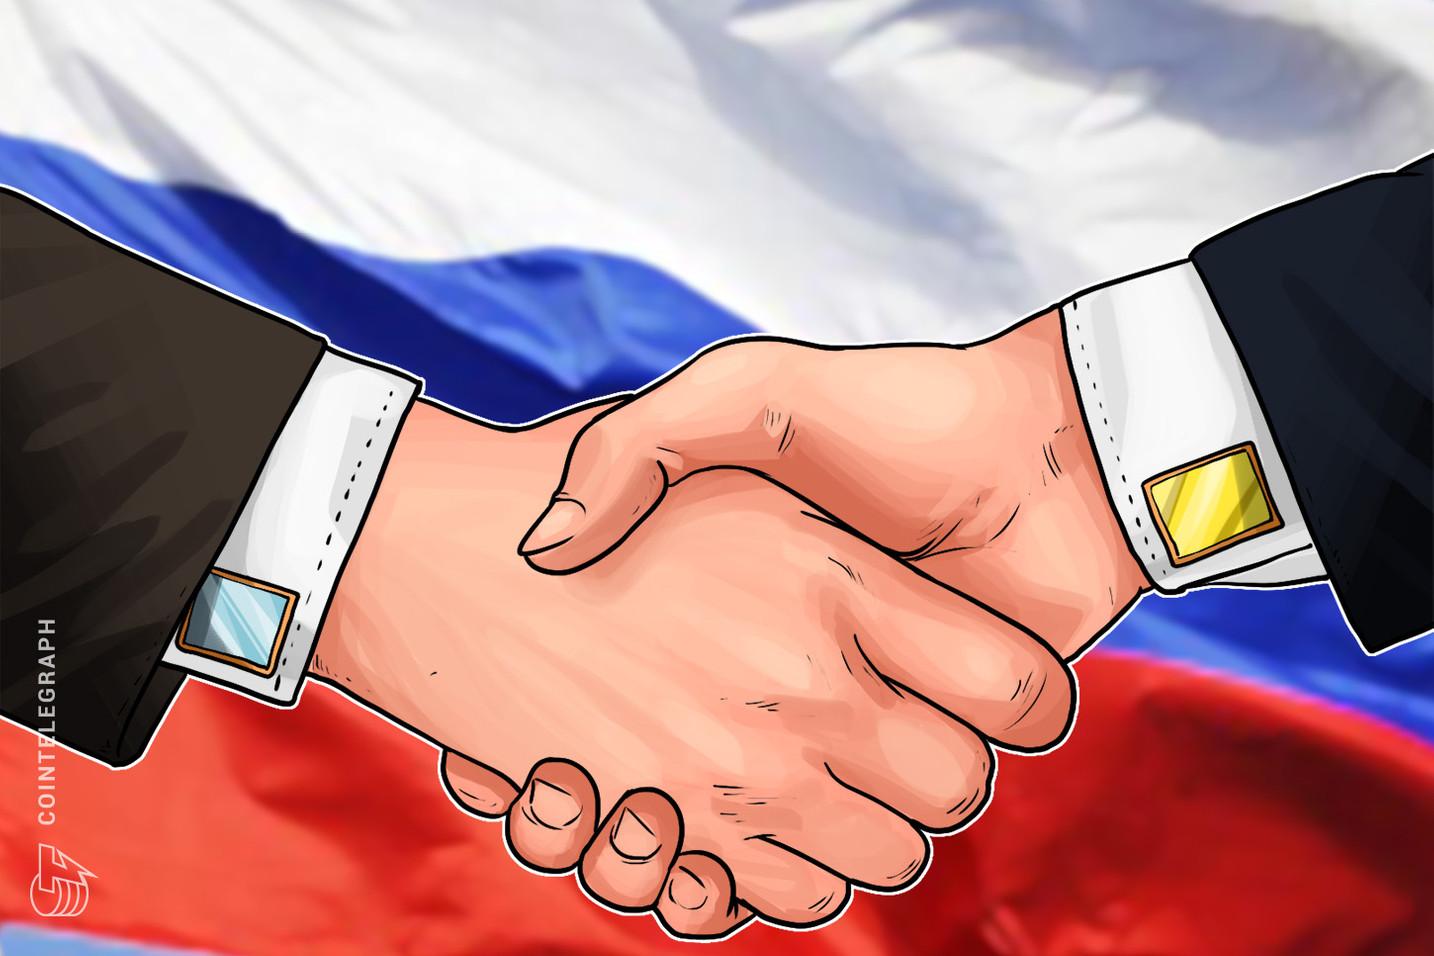 Gobierno ruso y gigantes empresariales forman empresa conjunta para desarrollar en Blockchain, IoT